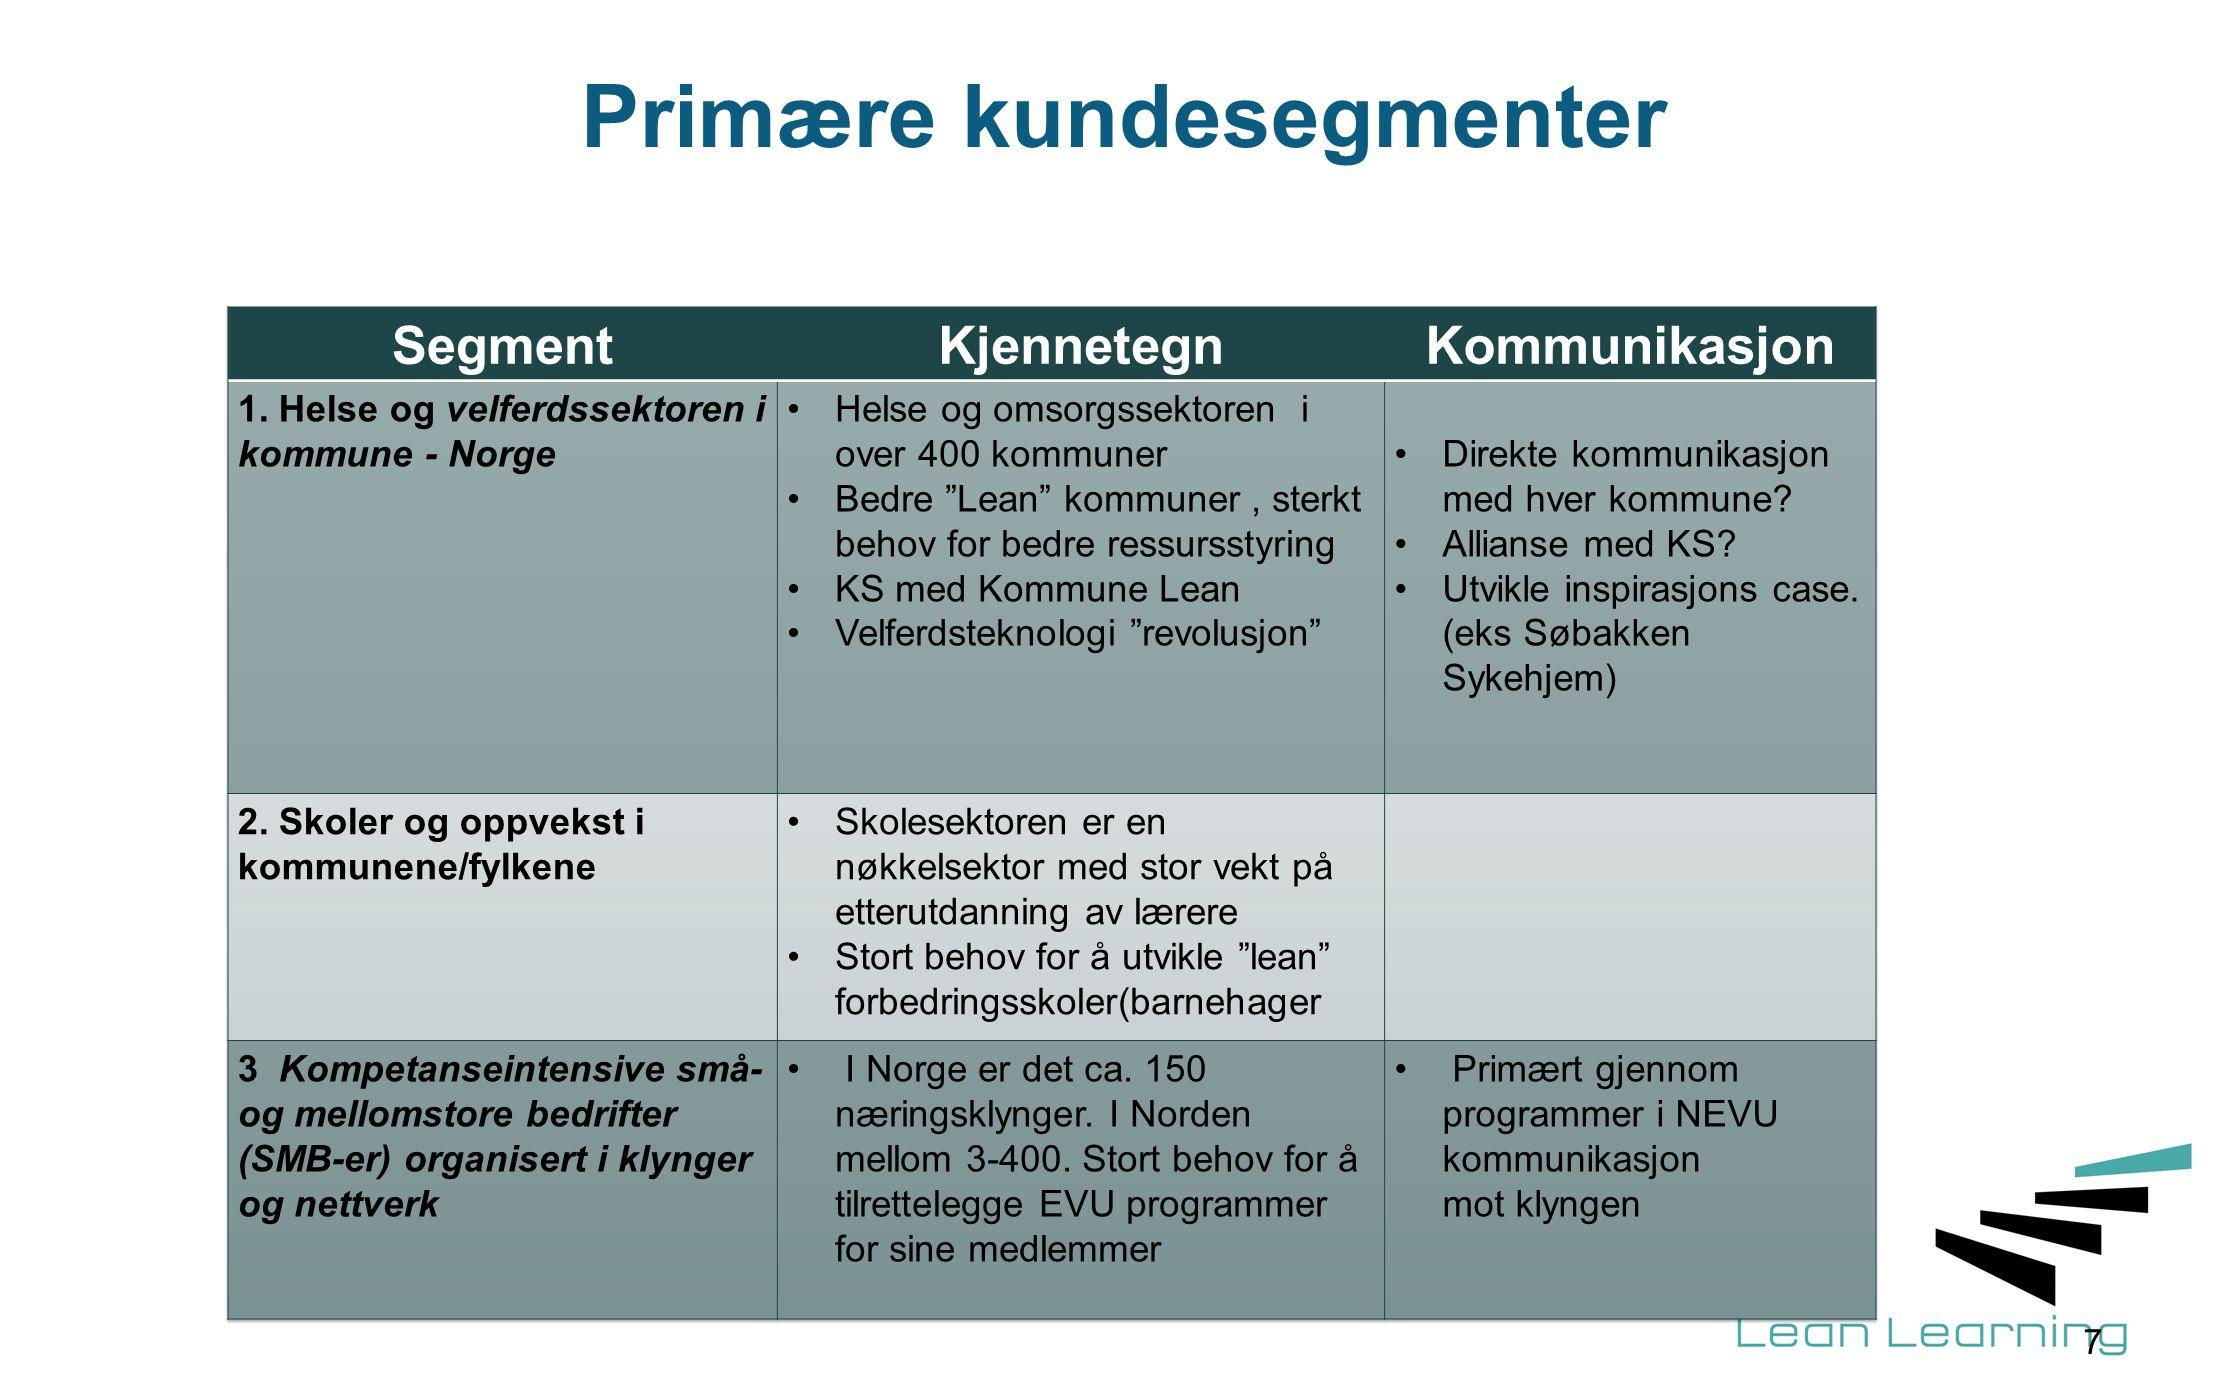 Primære kundesegmenter